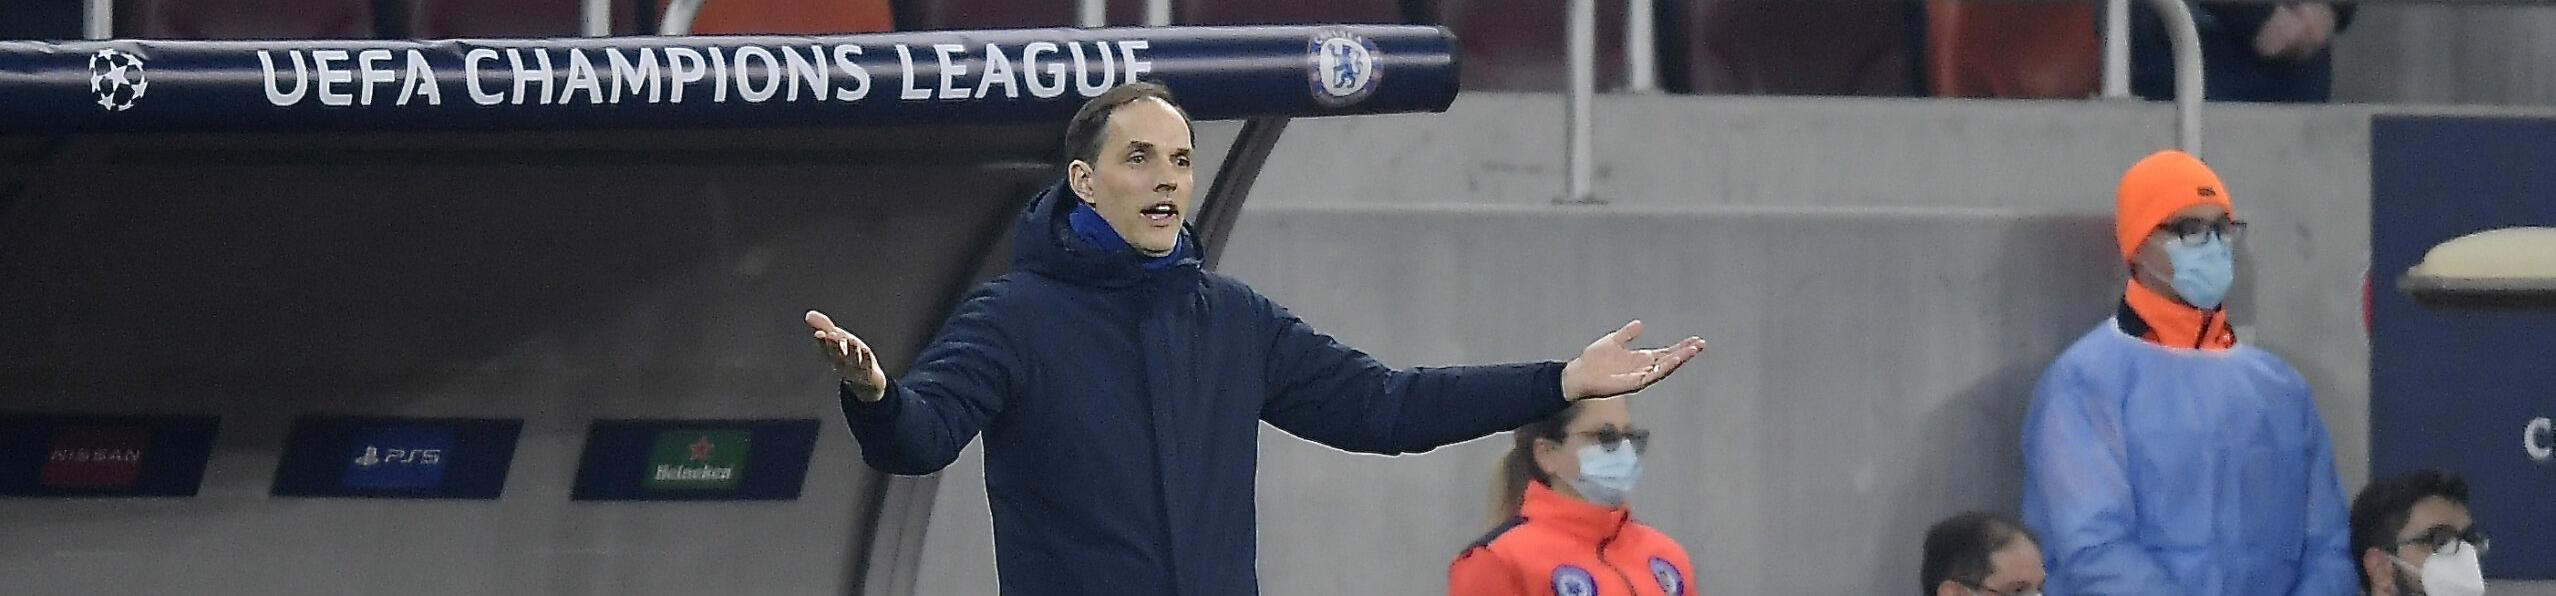 Chelsea-Atletico Madrid: londinesi favoriti, ma la qualificazione è ancora aperta